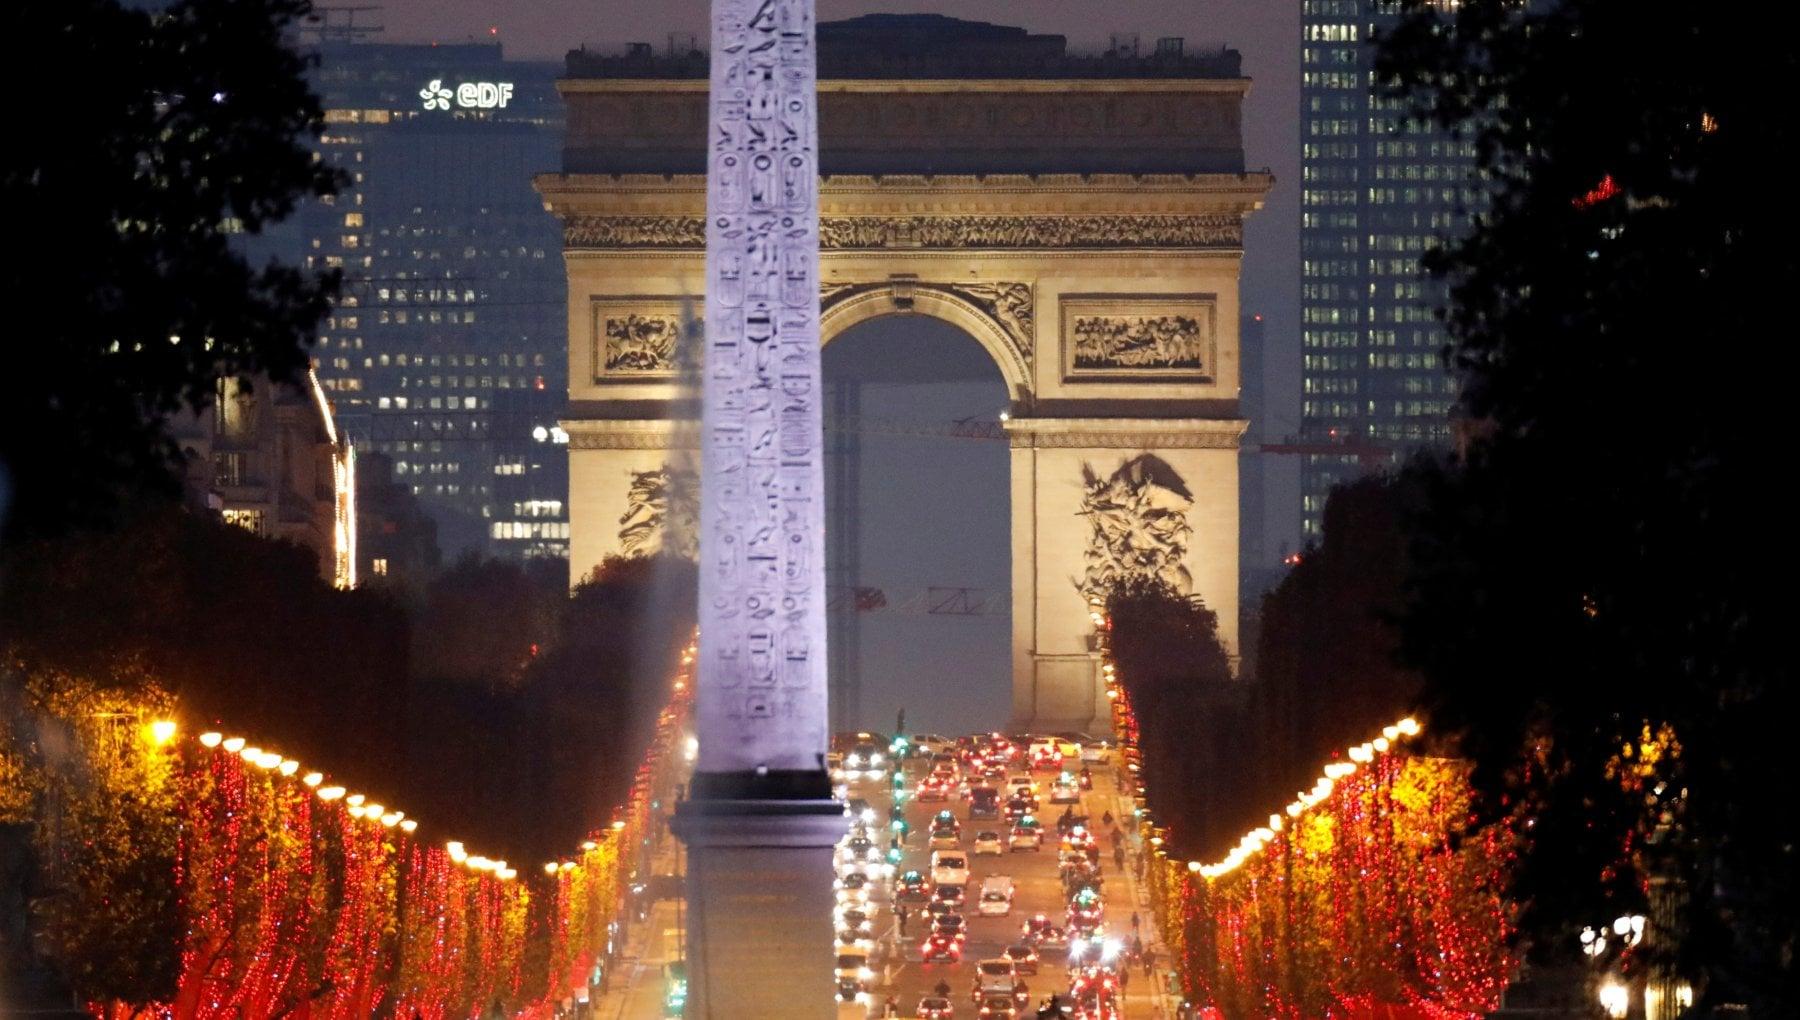 """233712949 40febeb0 81f5 4d7b 81bb 91f0ebd2faec - Covid, il """"mistero"""" di Parigi: così la Ville Lumière sta reggendo alla seconda ondata"""